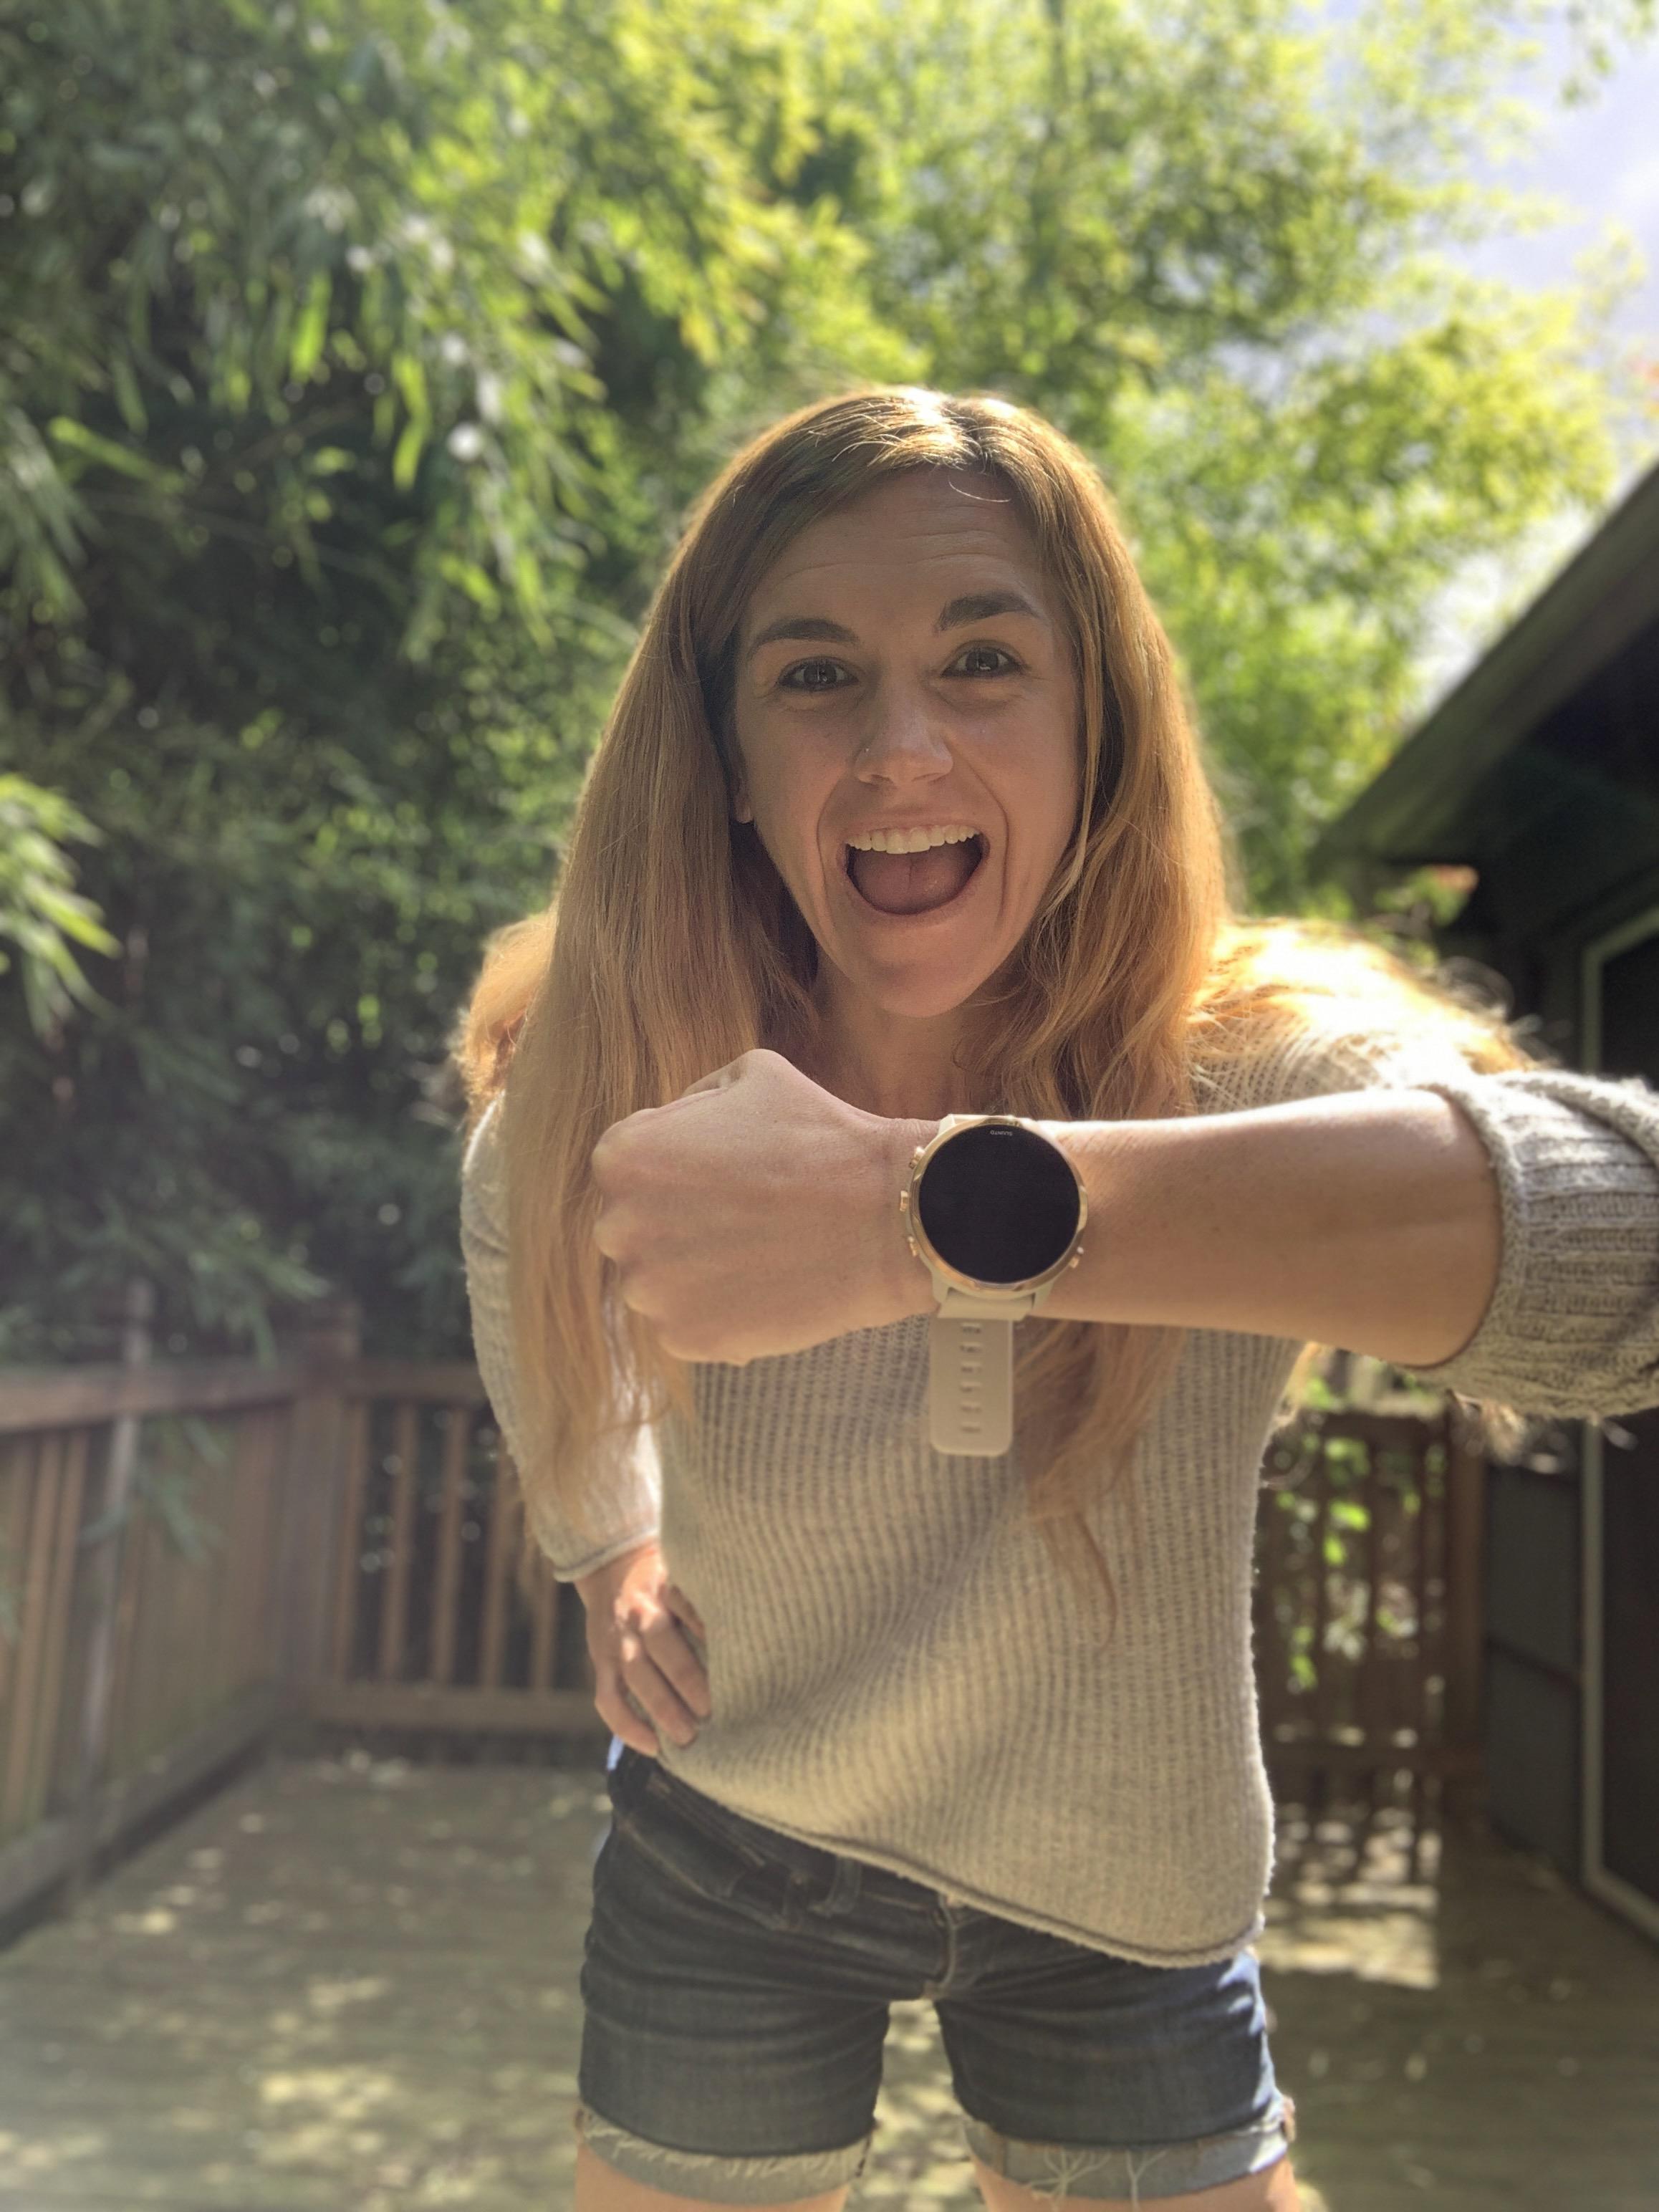 suunto smartwatch for active people